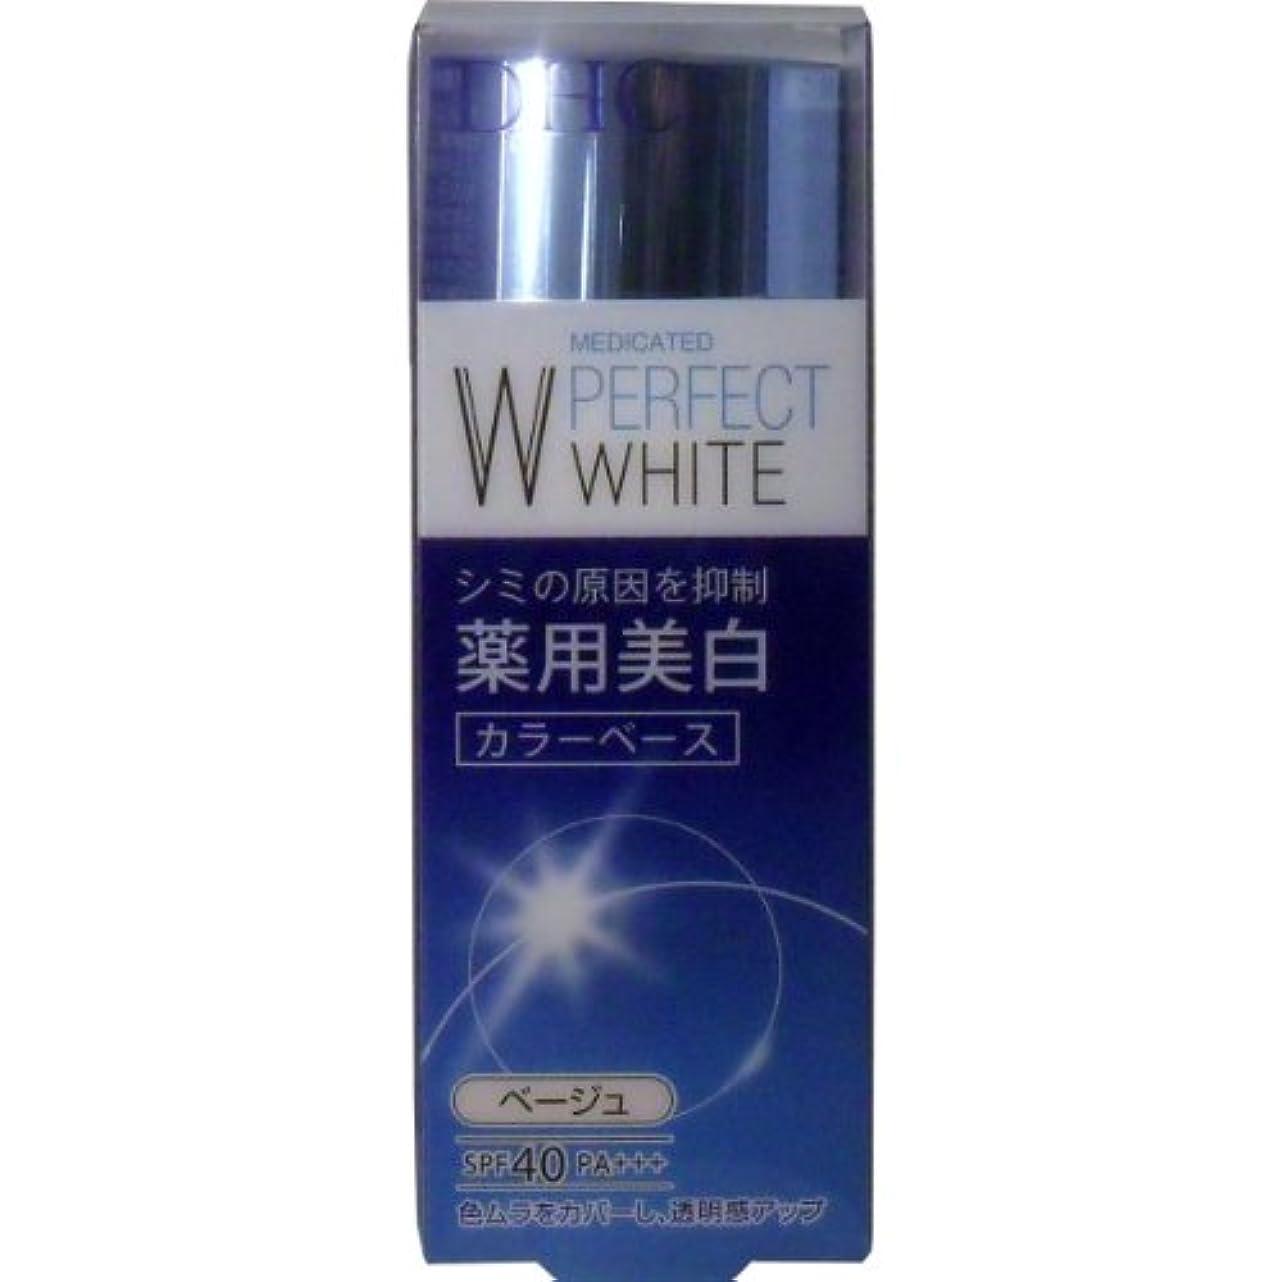 埋め込むウール呪いDHC 薬用美白パーフェクトホワイト カラーベース ベージュ 30g (商品内訳:単品1個)